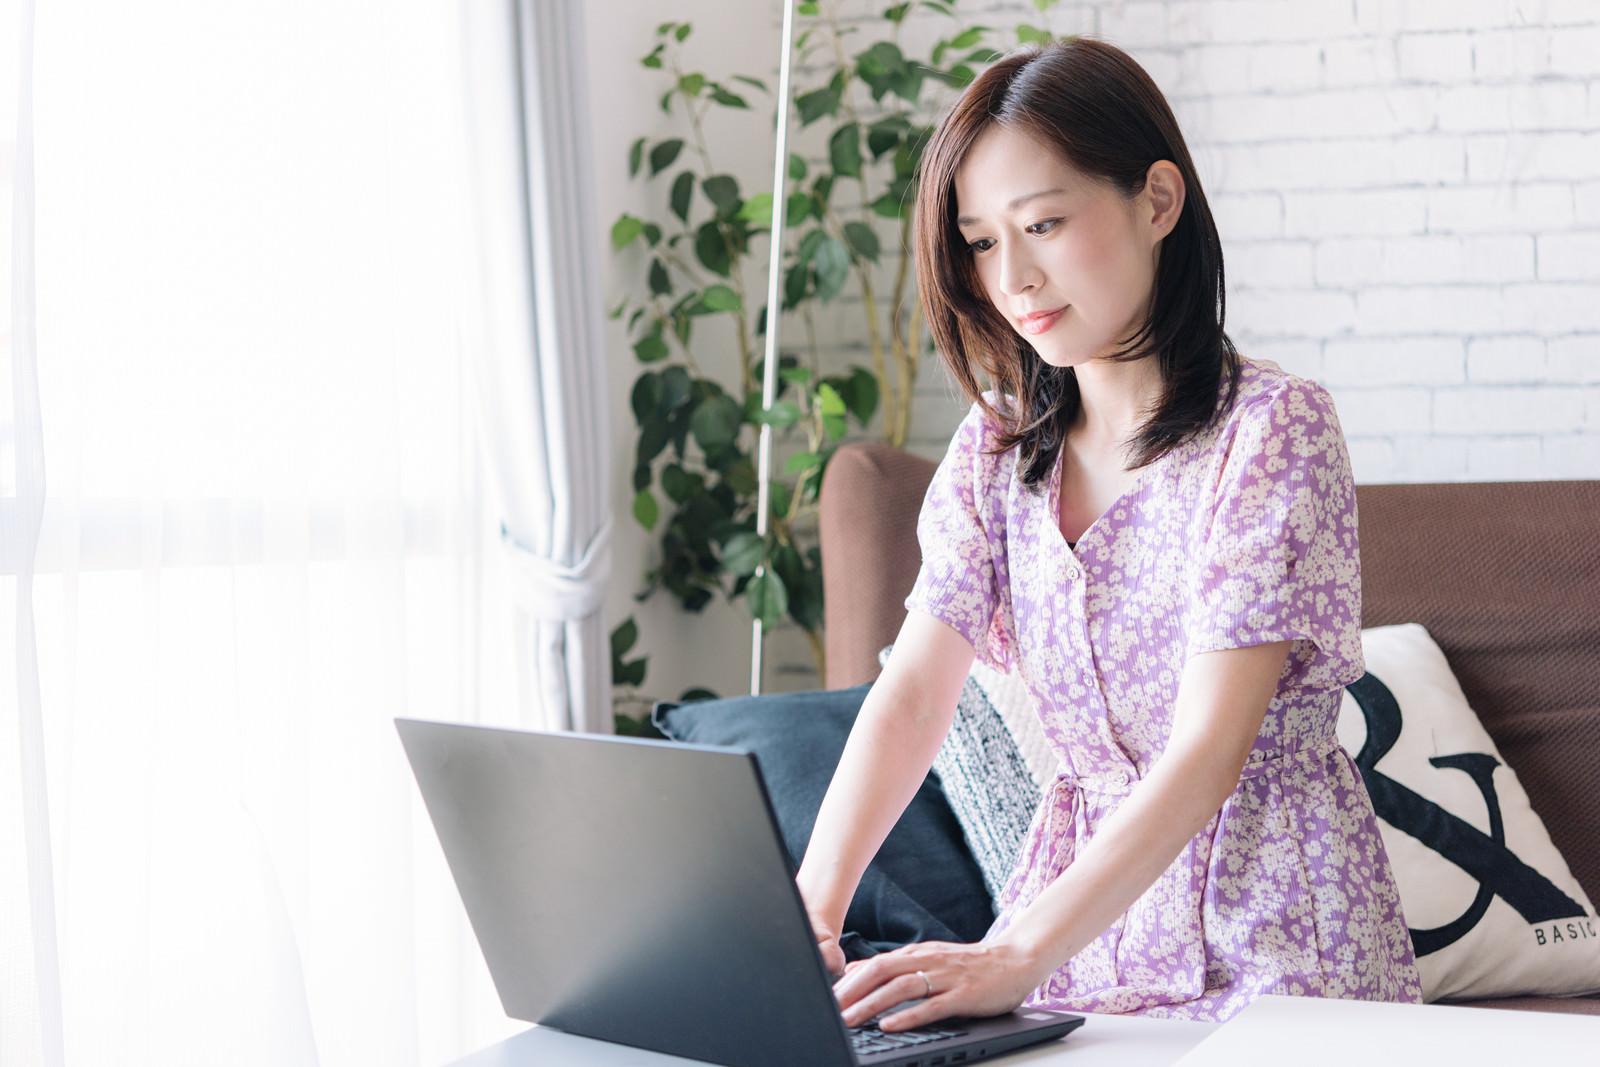 「自宅のノートパソコンでリモートワークする女性」の写真